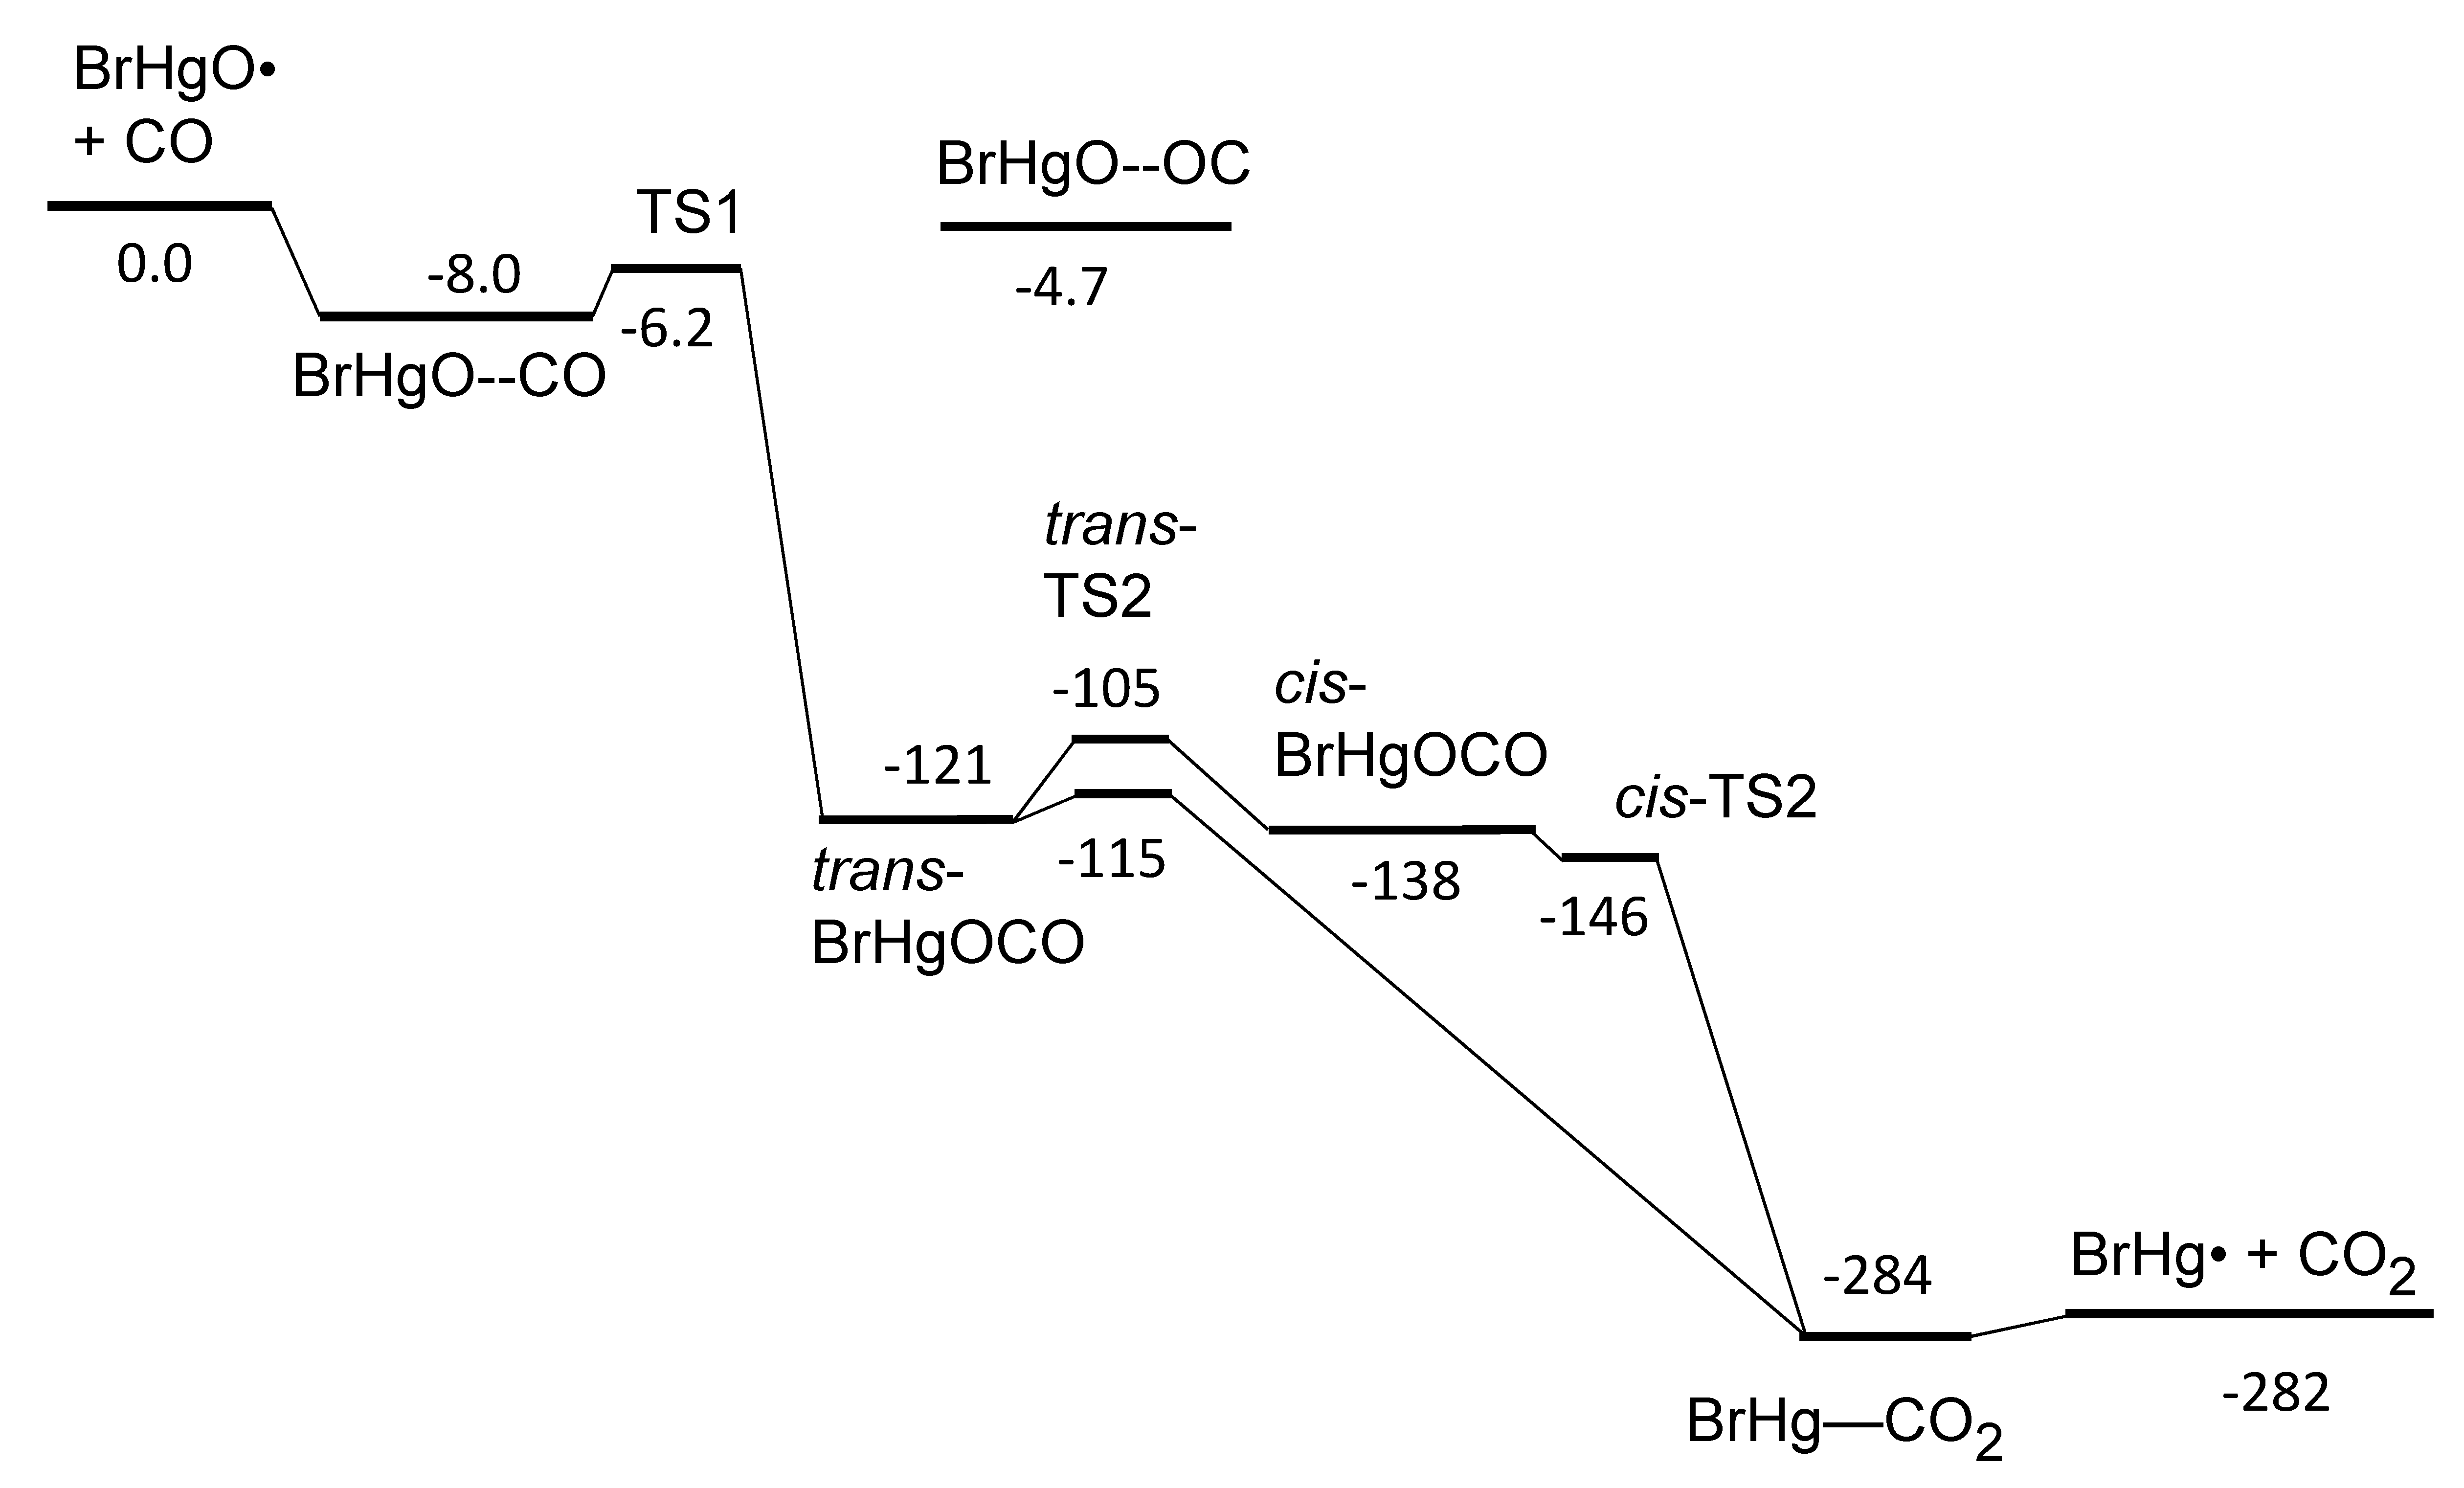 PE Profile of BrHgO + CO